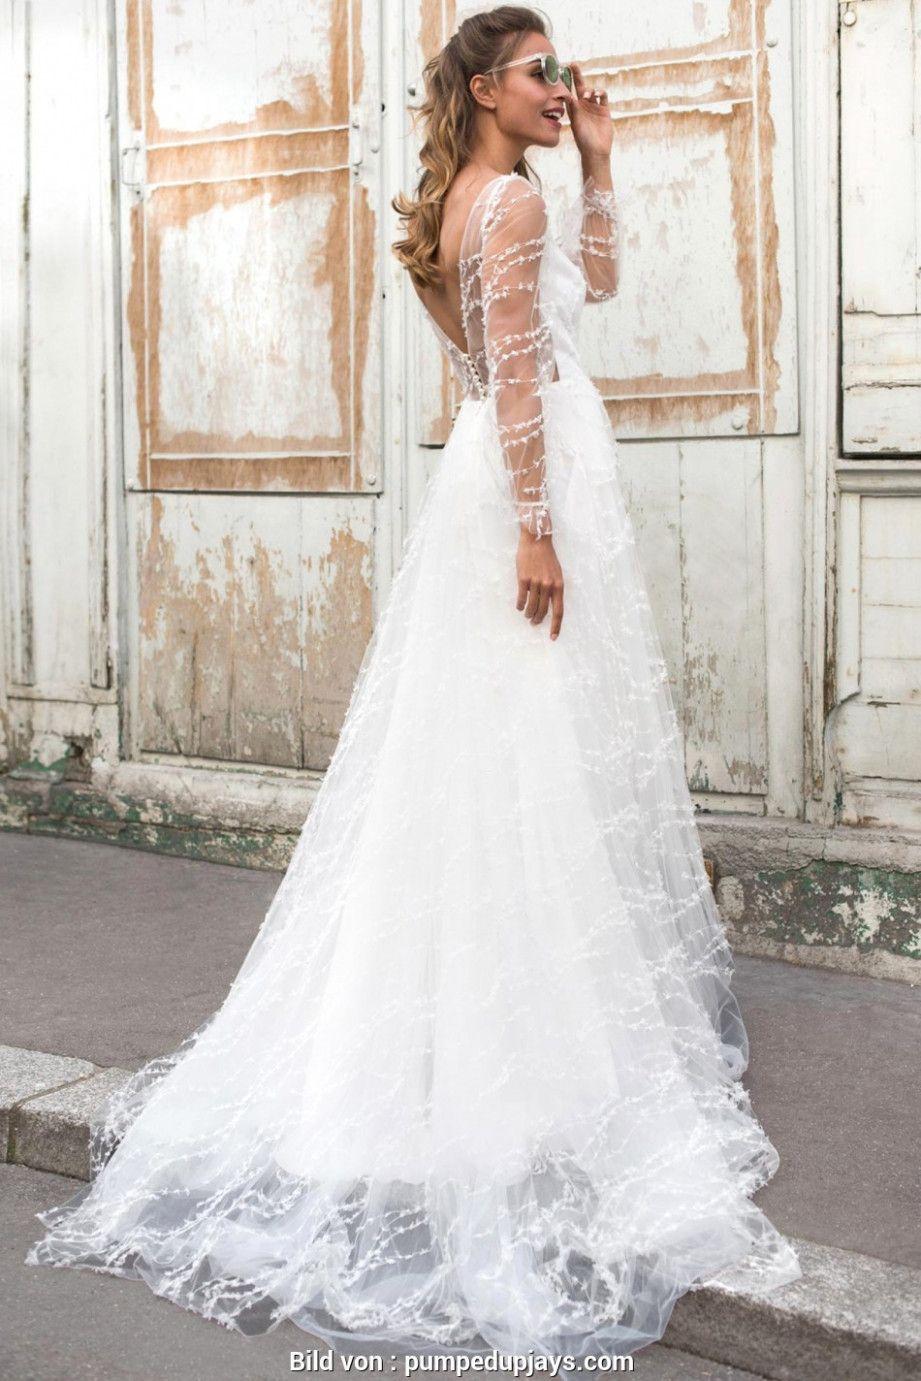 11 Türkische Hochzeitskleider in 11  Kleid hochzeit, Türkische